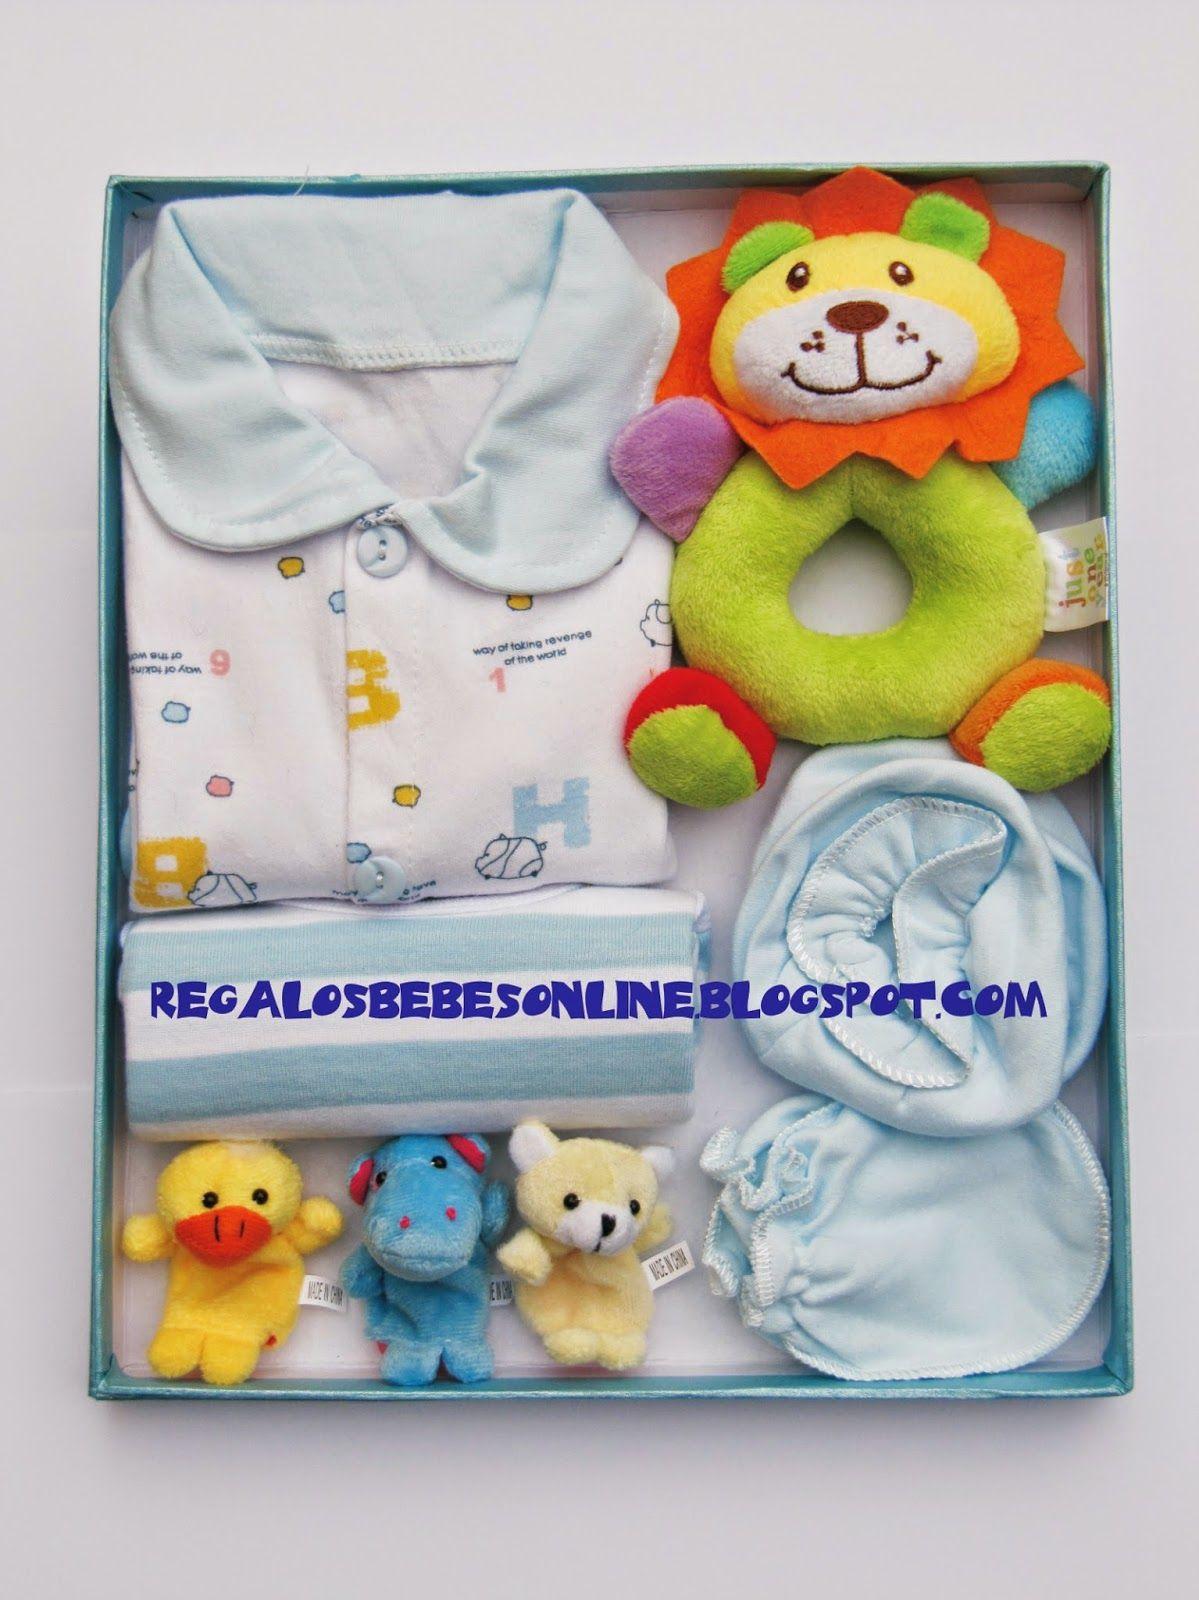 Regalos Utiles Para Bebes Recien Nacidos.Cajas Para Recien Nacidos Regalos Para Bebes Regalos Bebe